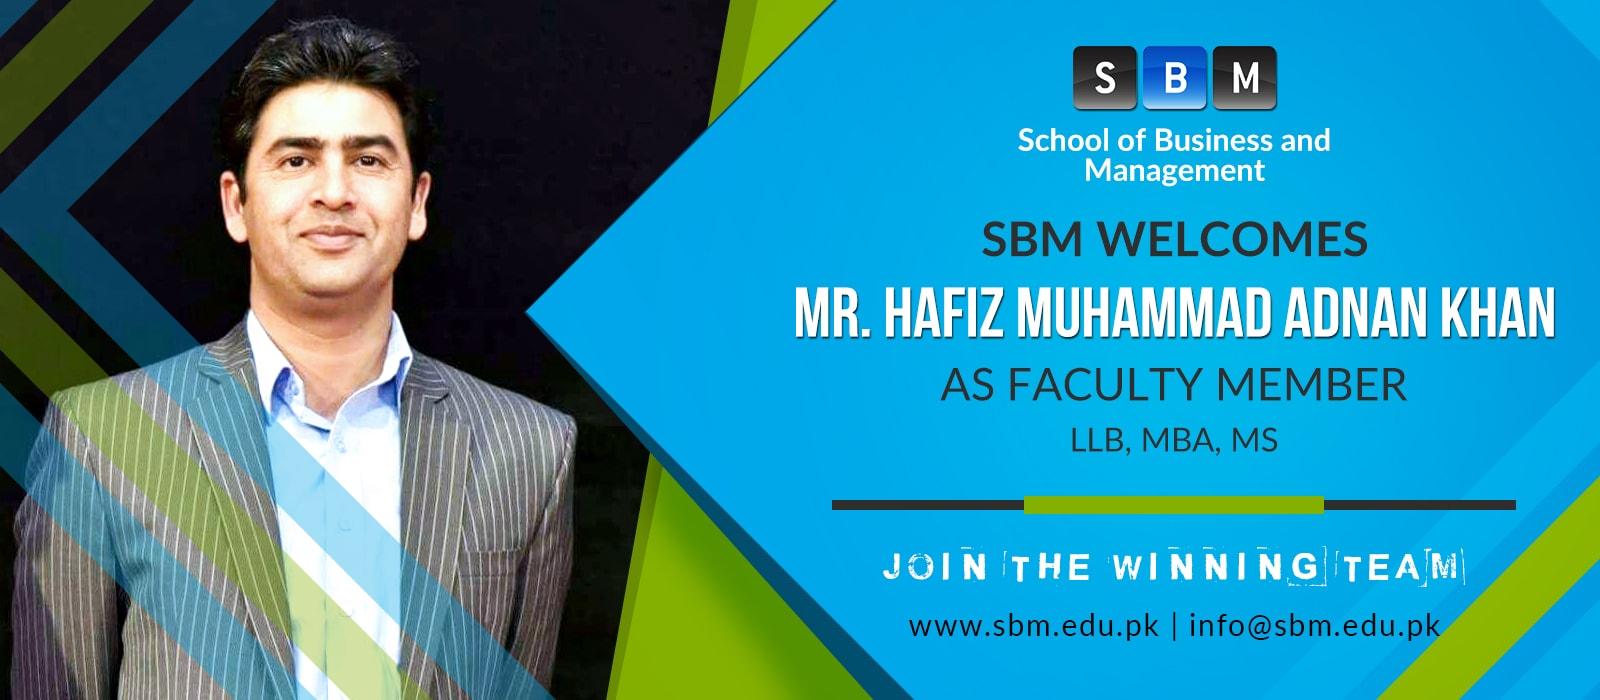 Mr Hafiz Muhammad Adnan Khan has joined SBM as Faculty Member